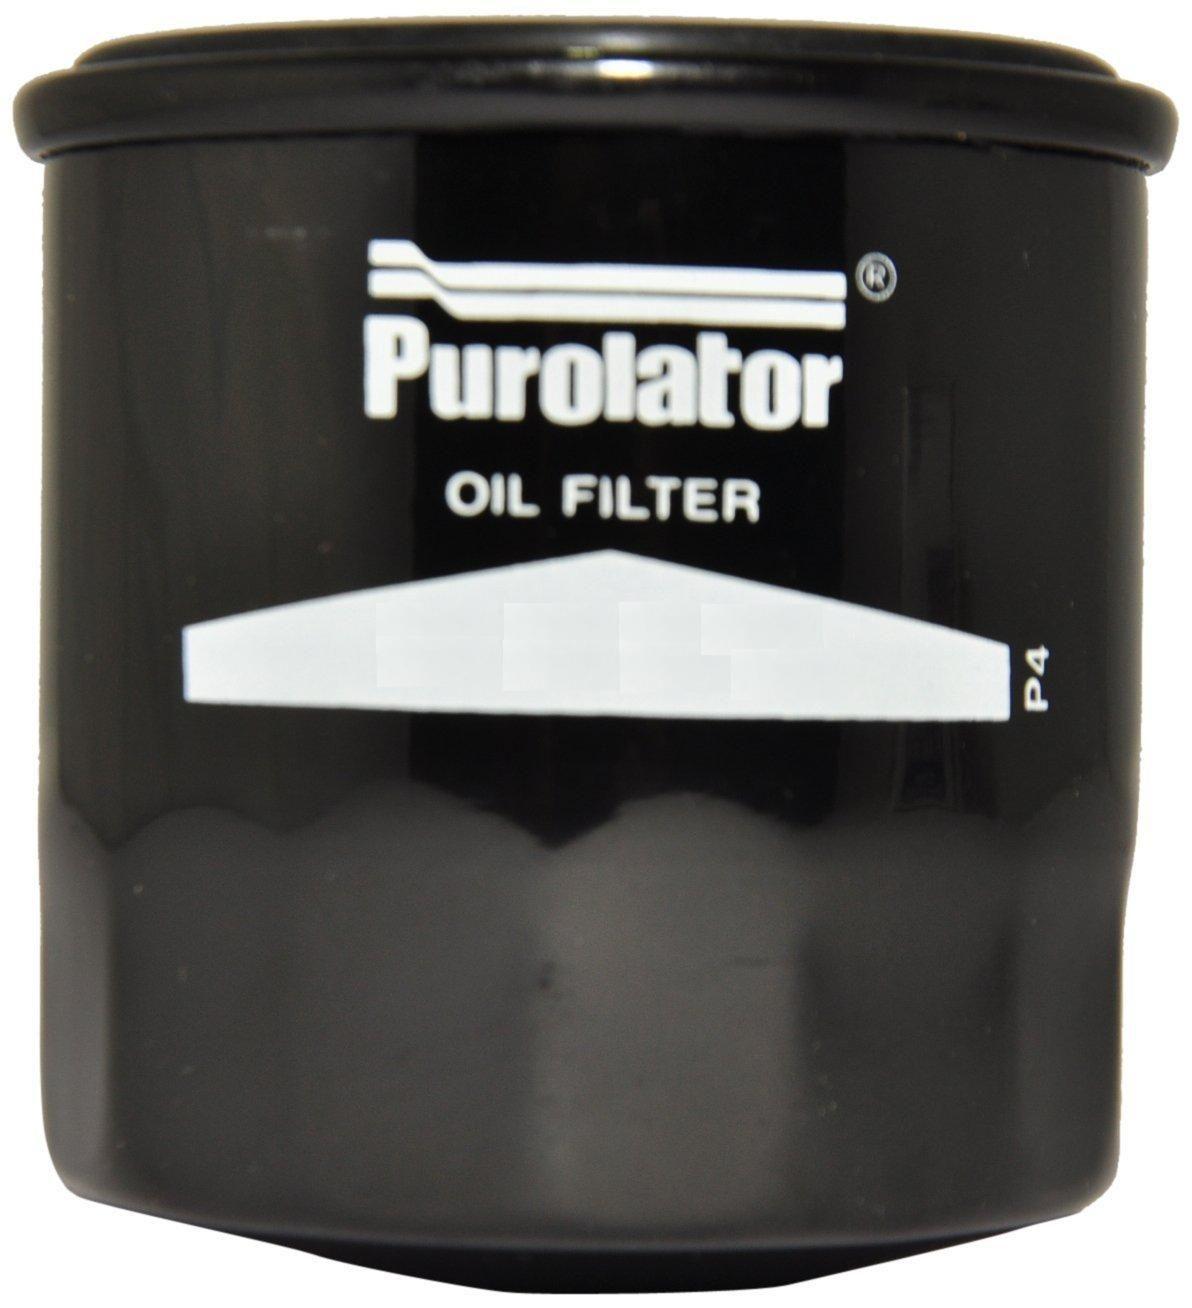 PUROLATOR-CAR-OIL FILTER FOR TATA SAFARI/SUMO/MOBILE